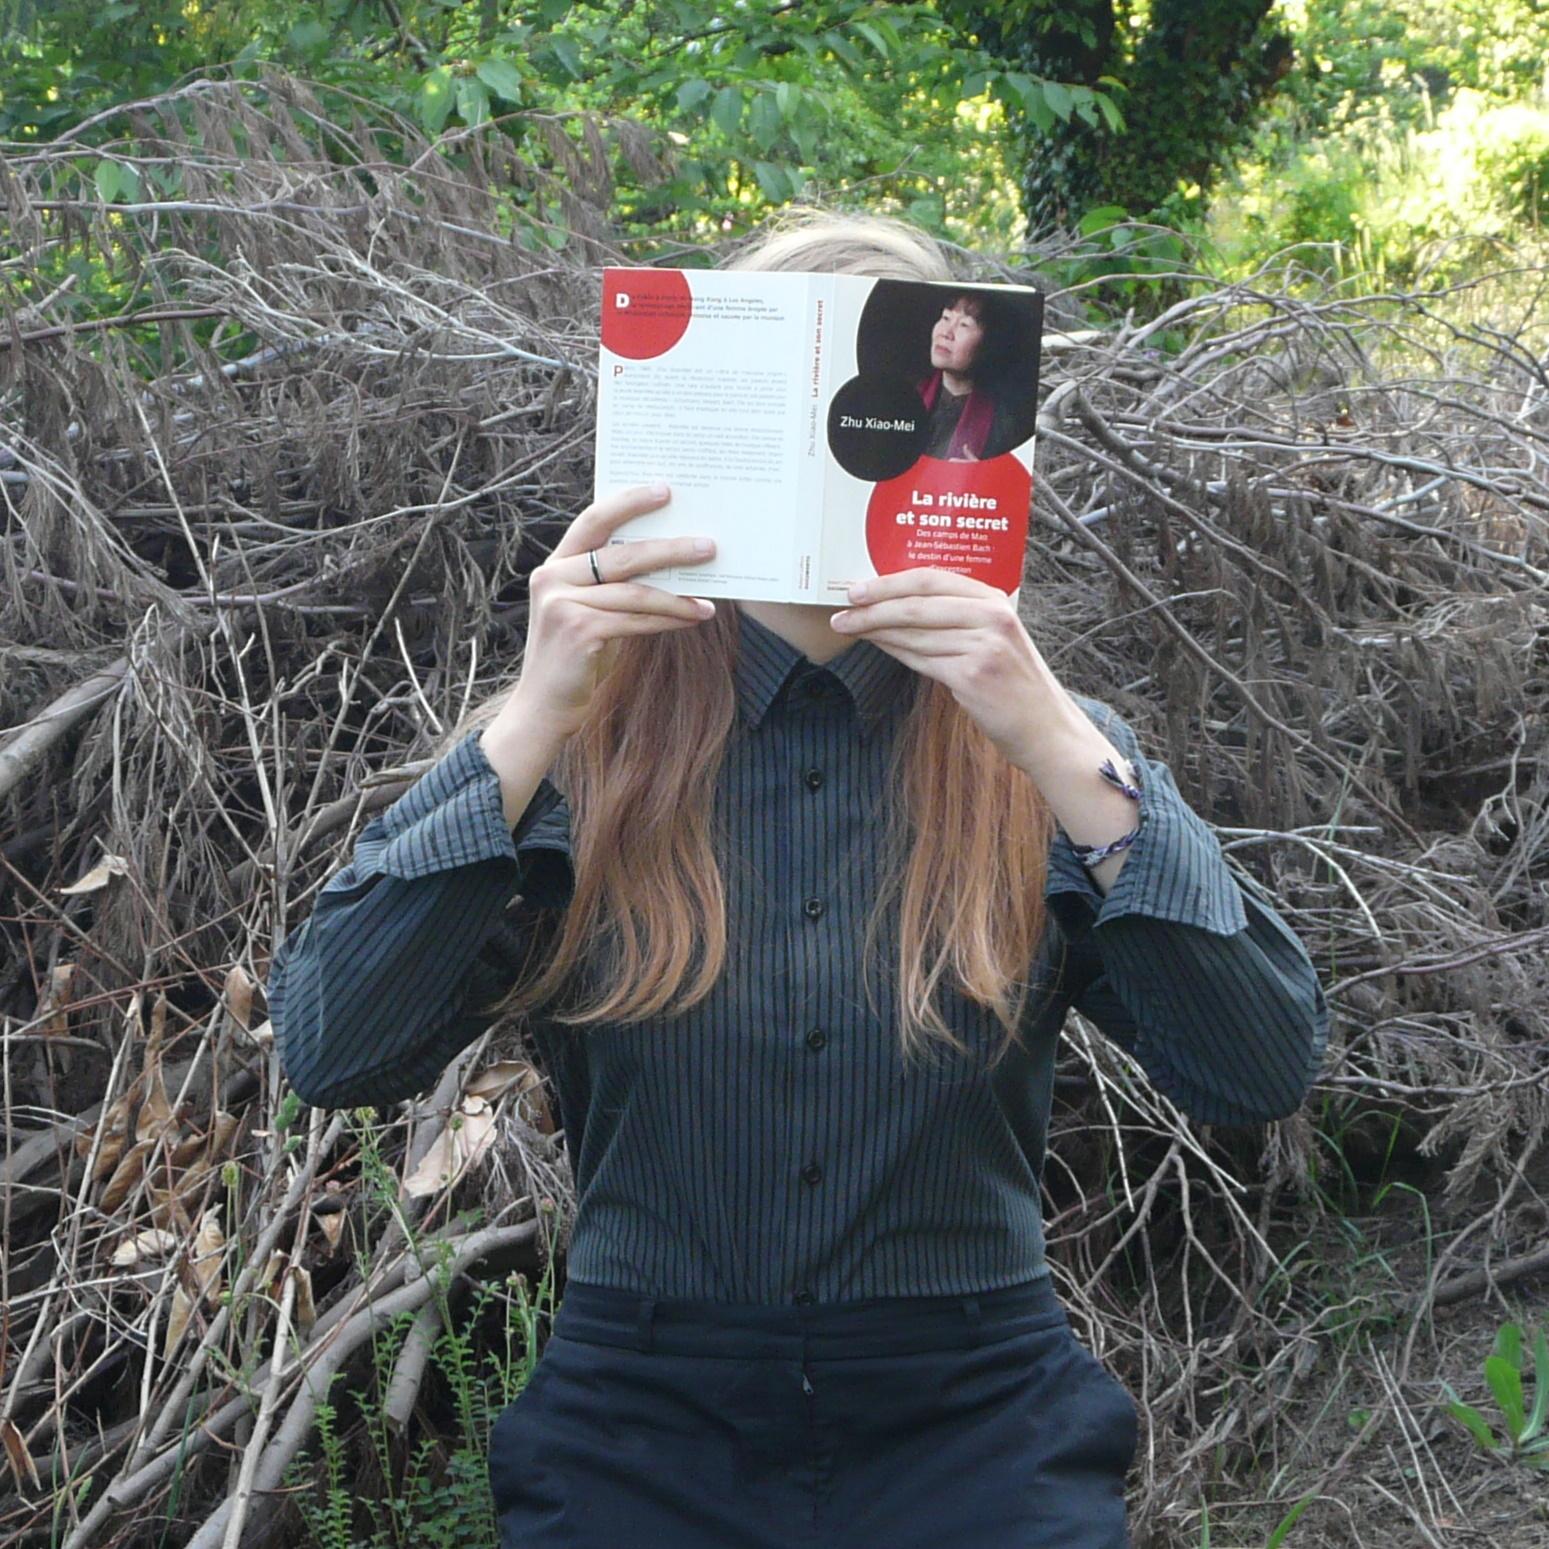 personne en chemise noire lisant La Rivière et son Secret  de Xiao-Mei Zhu devant des fagots